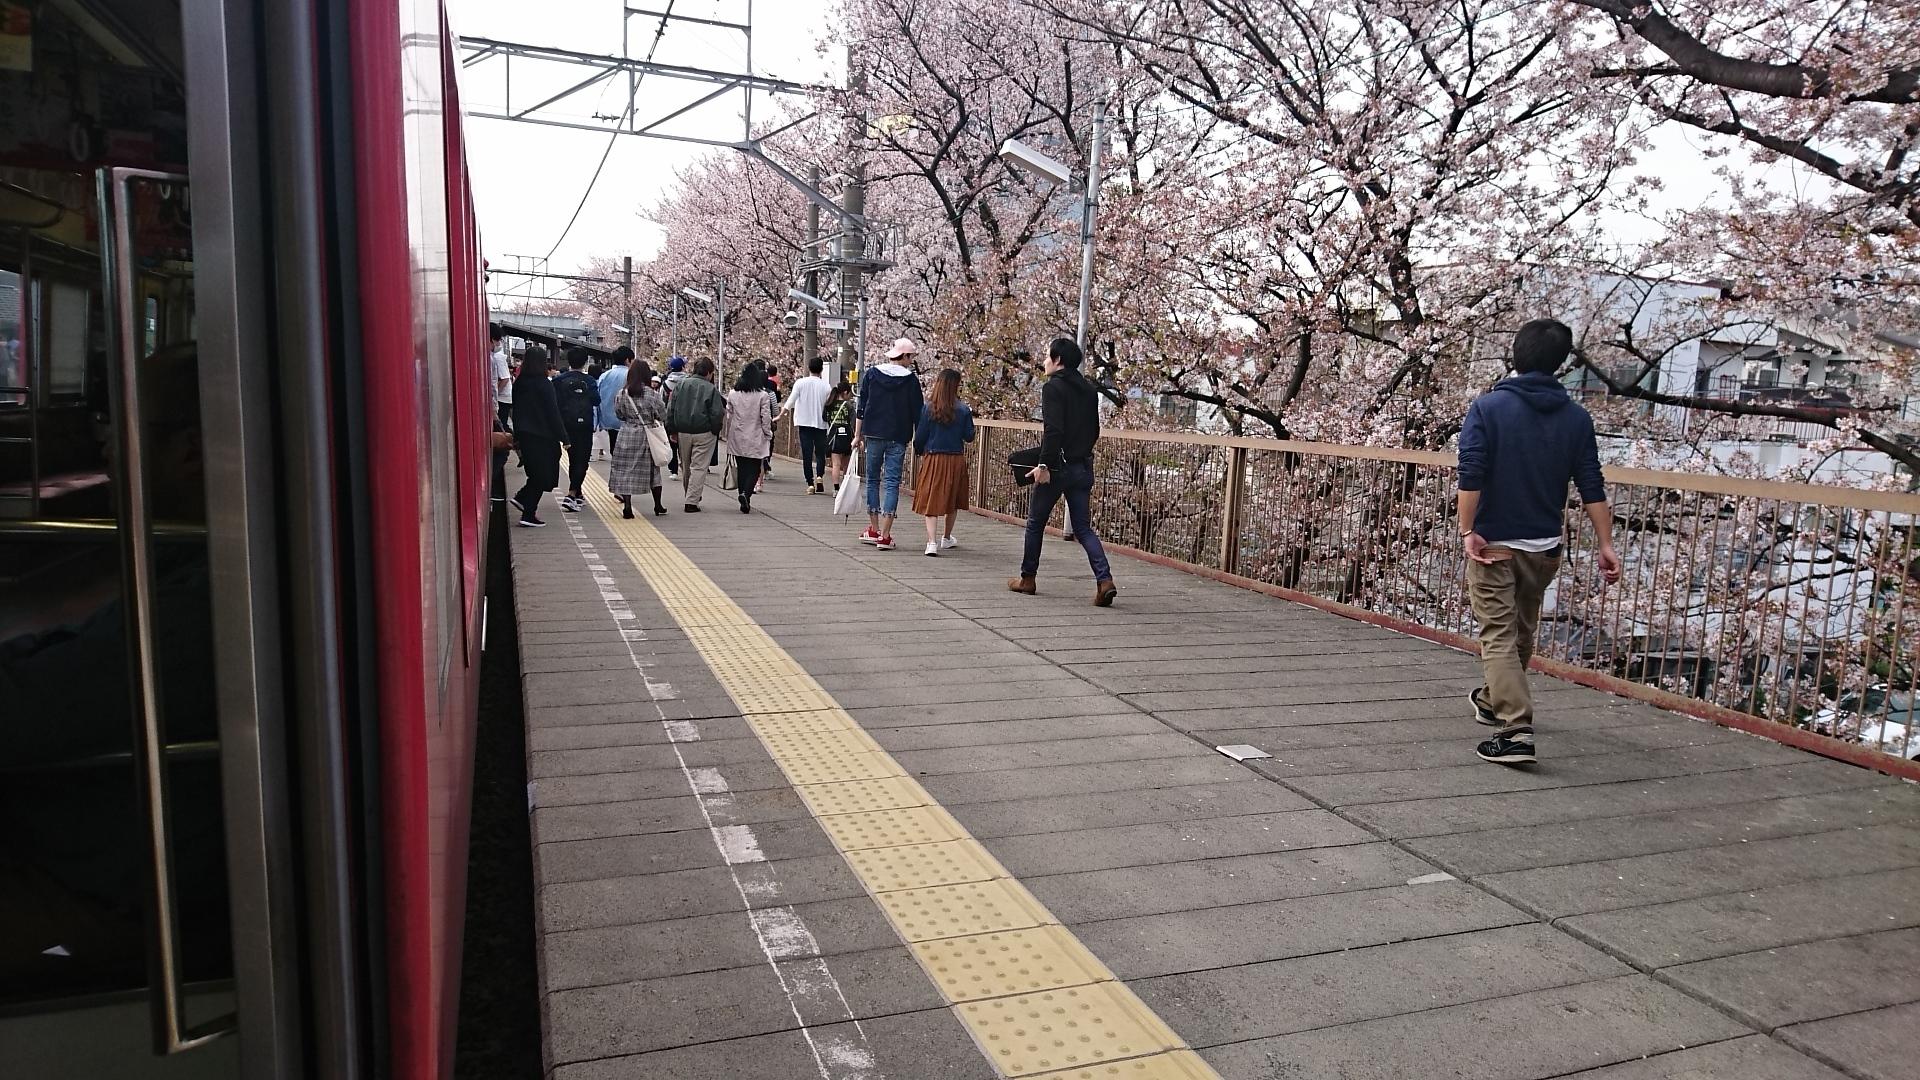 2018.4.1 東岡崎 (8) 東岡崎いきふつう - 岡崎公園前 1920-1080